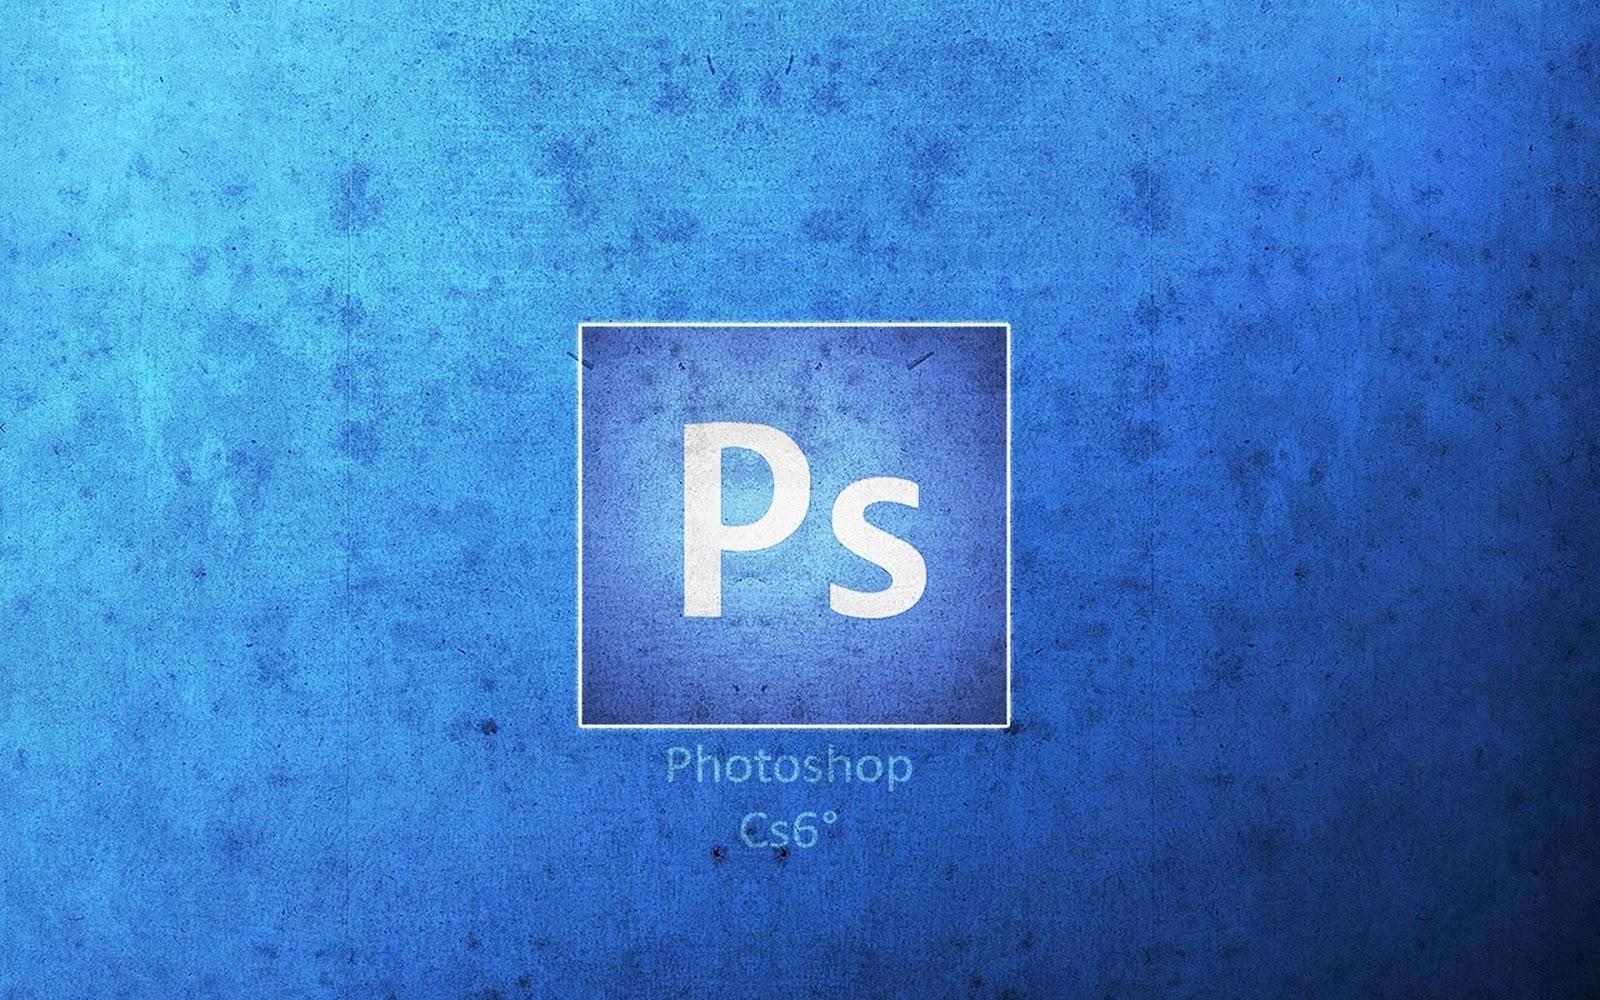 Adobe photoshop cc 2019 télécharger pour mac gratuitement.